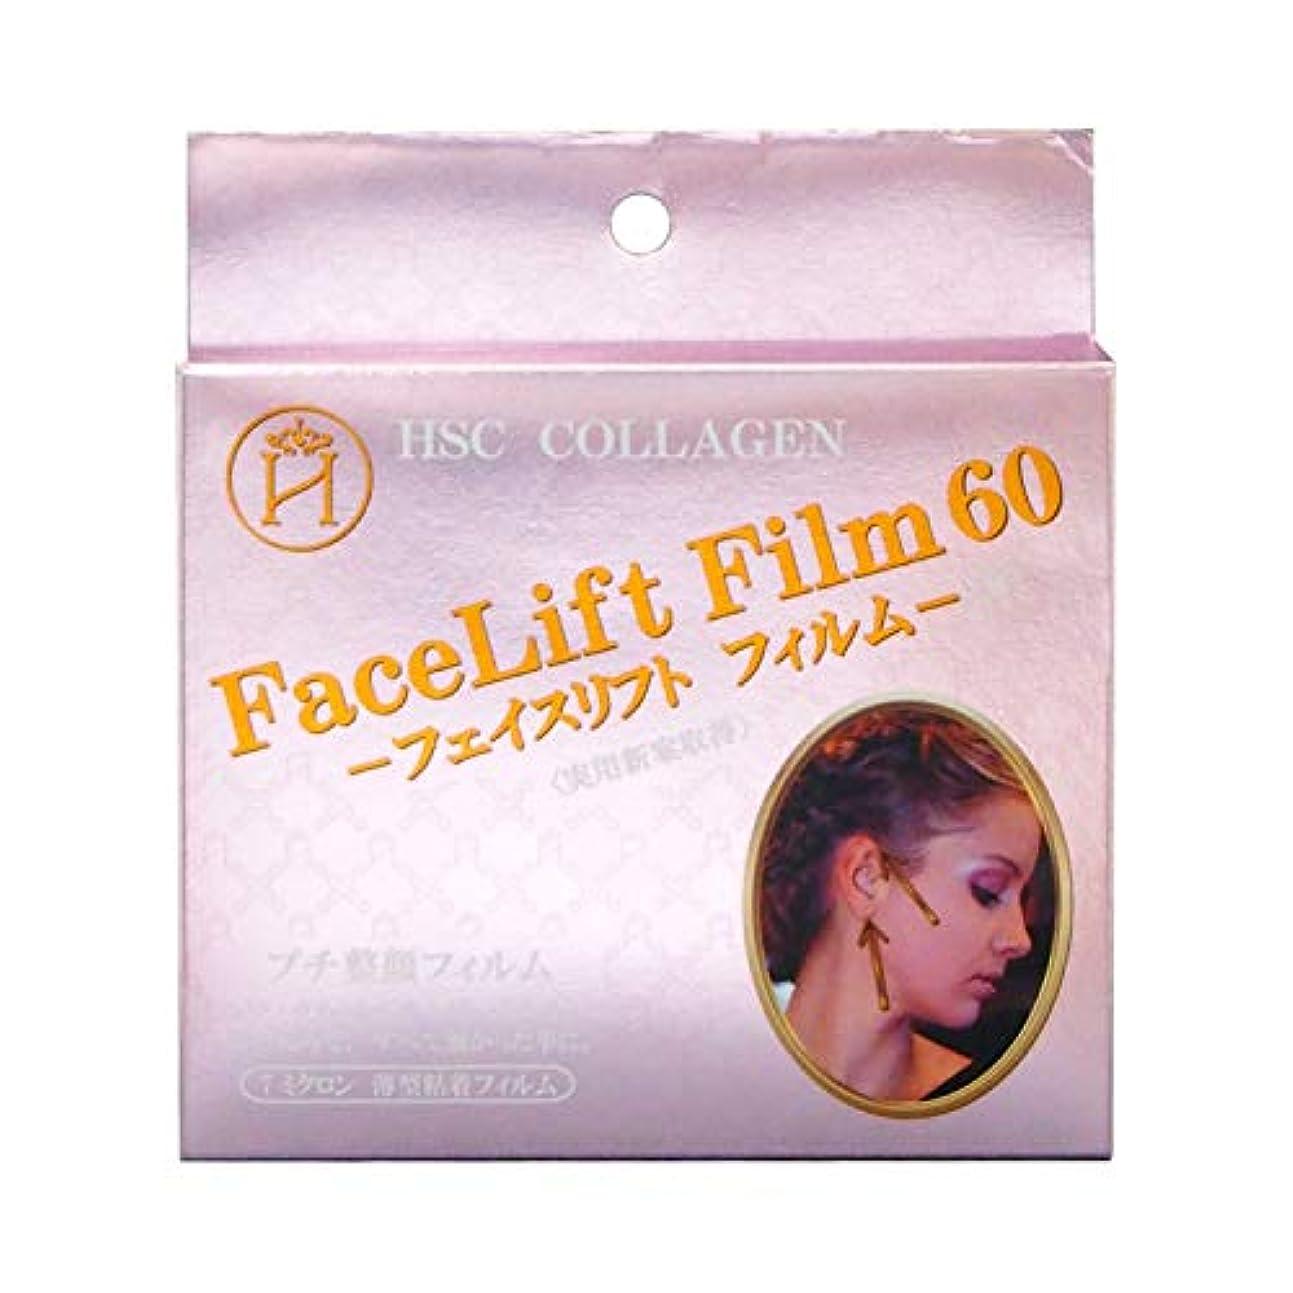 非アクティブドライバ約フェイスリフトフィルム60 たるみ テープ 引き上げ 透明 目立たない フェイスライン